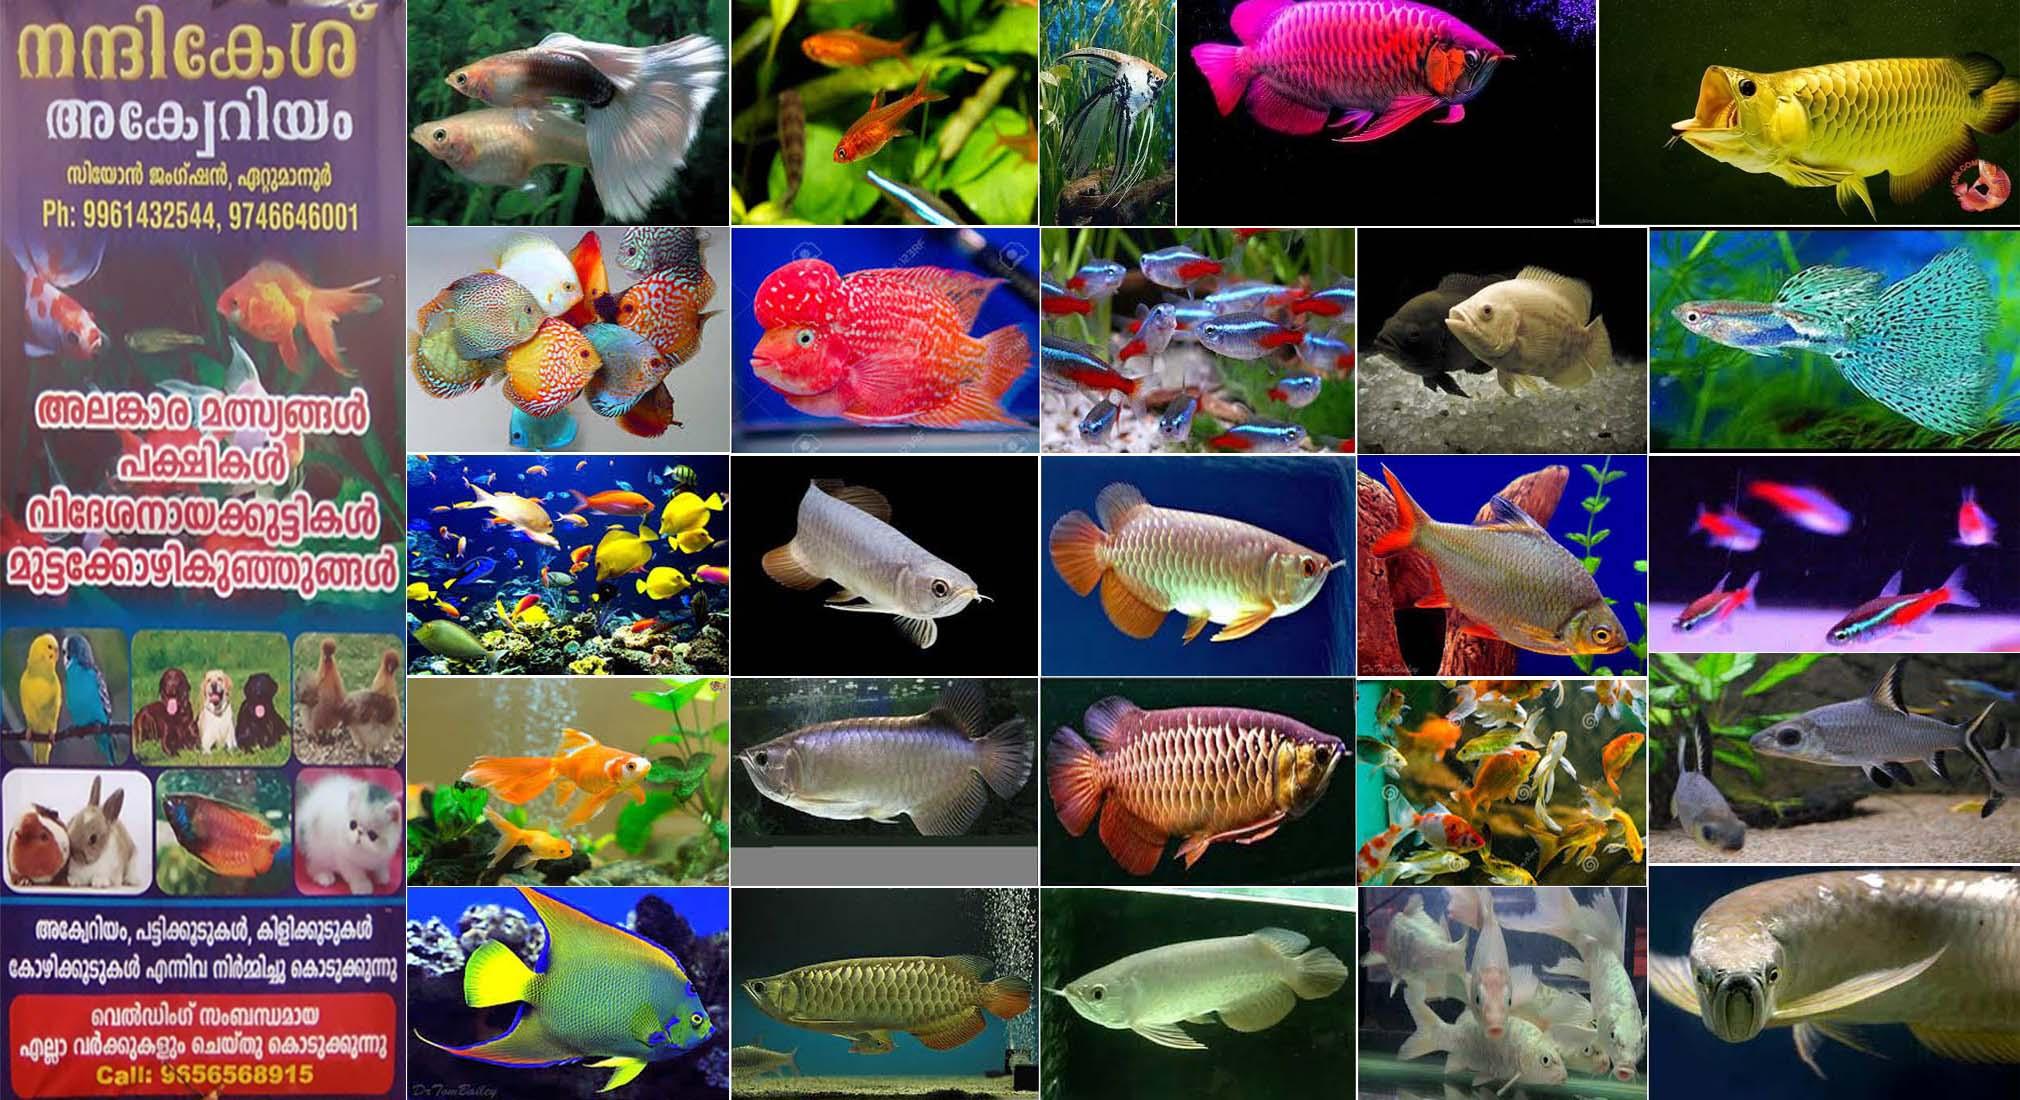 Fish aquarium in chandigarh - Located In